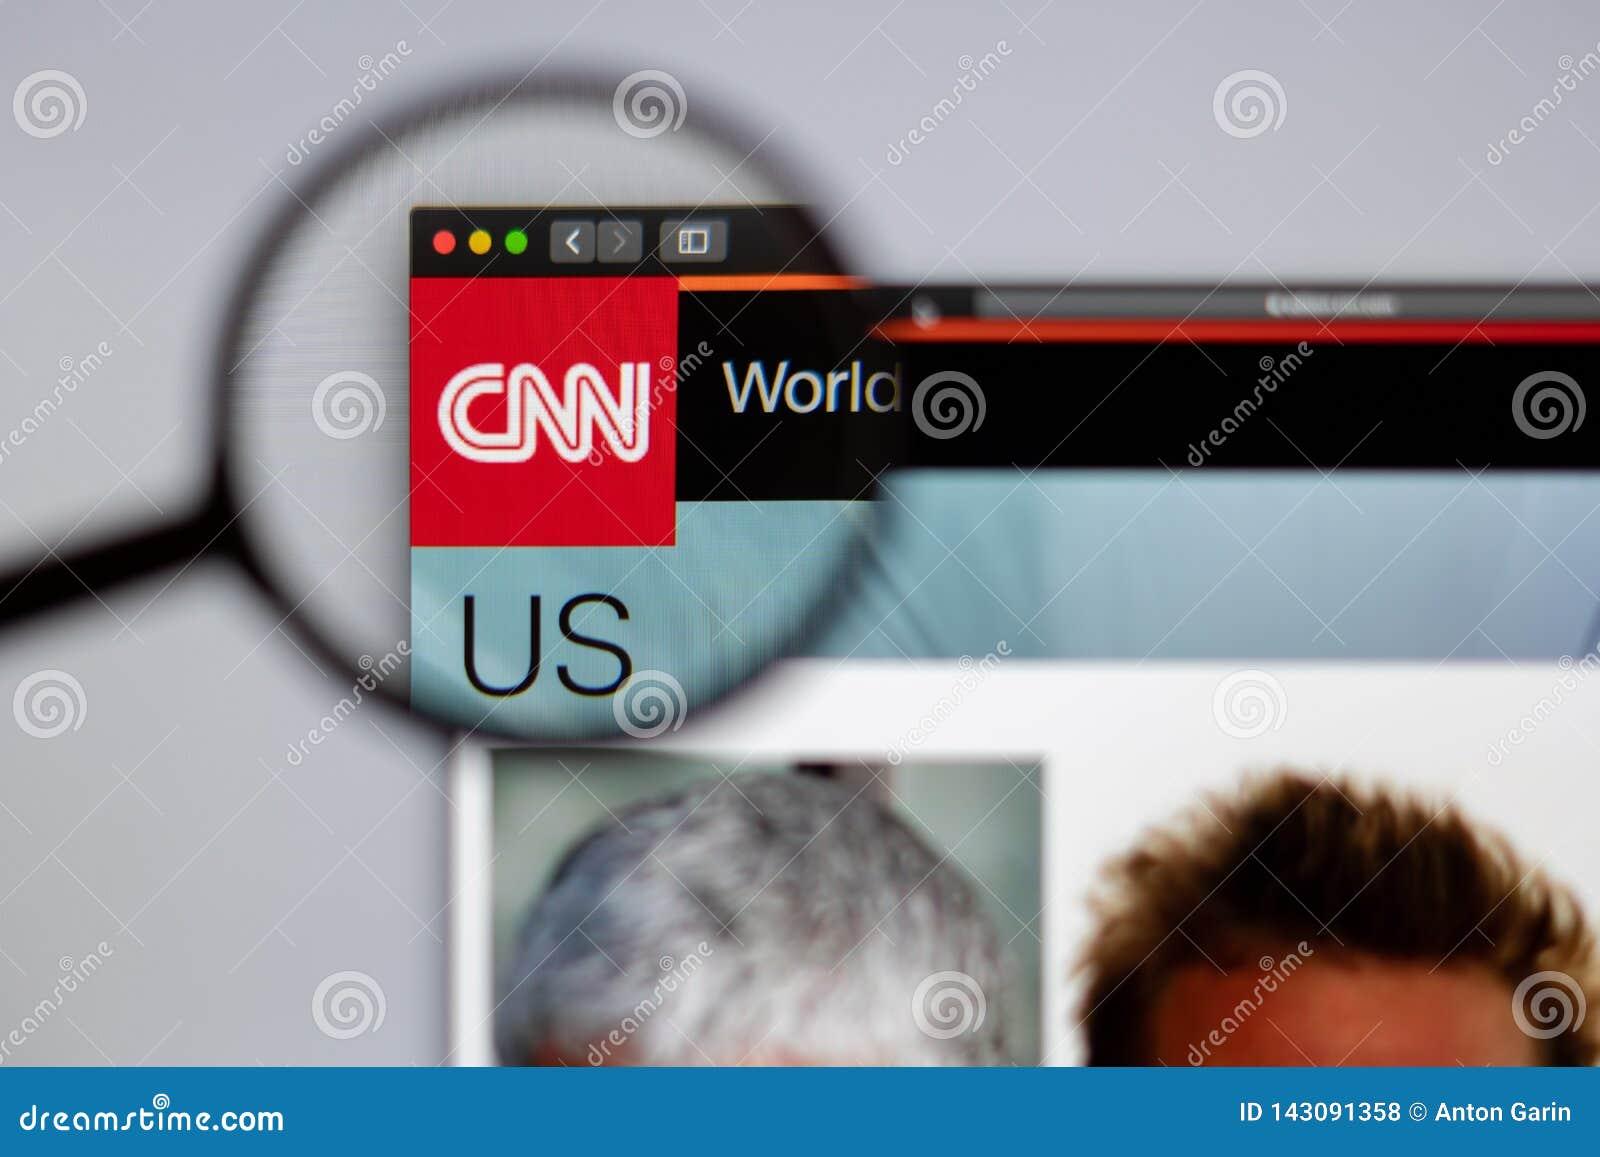 Direto visível do logotipo do canal do CNN uma lupa